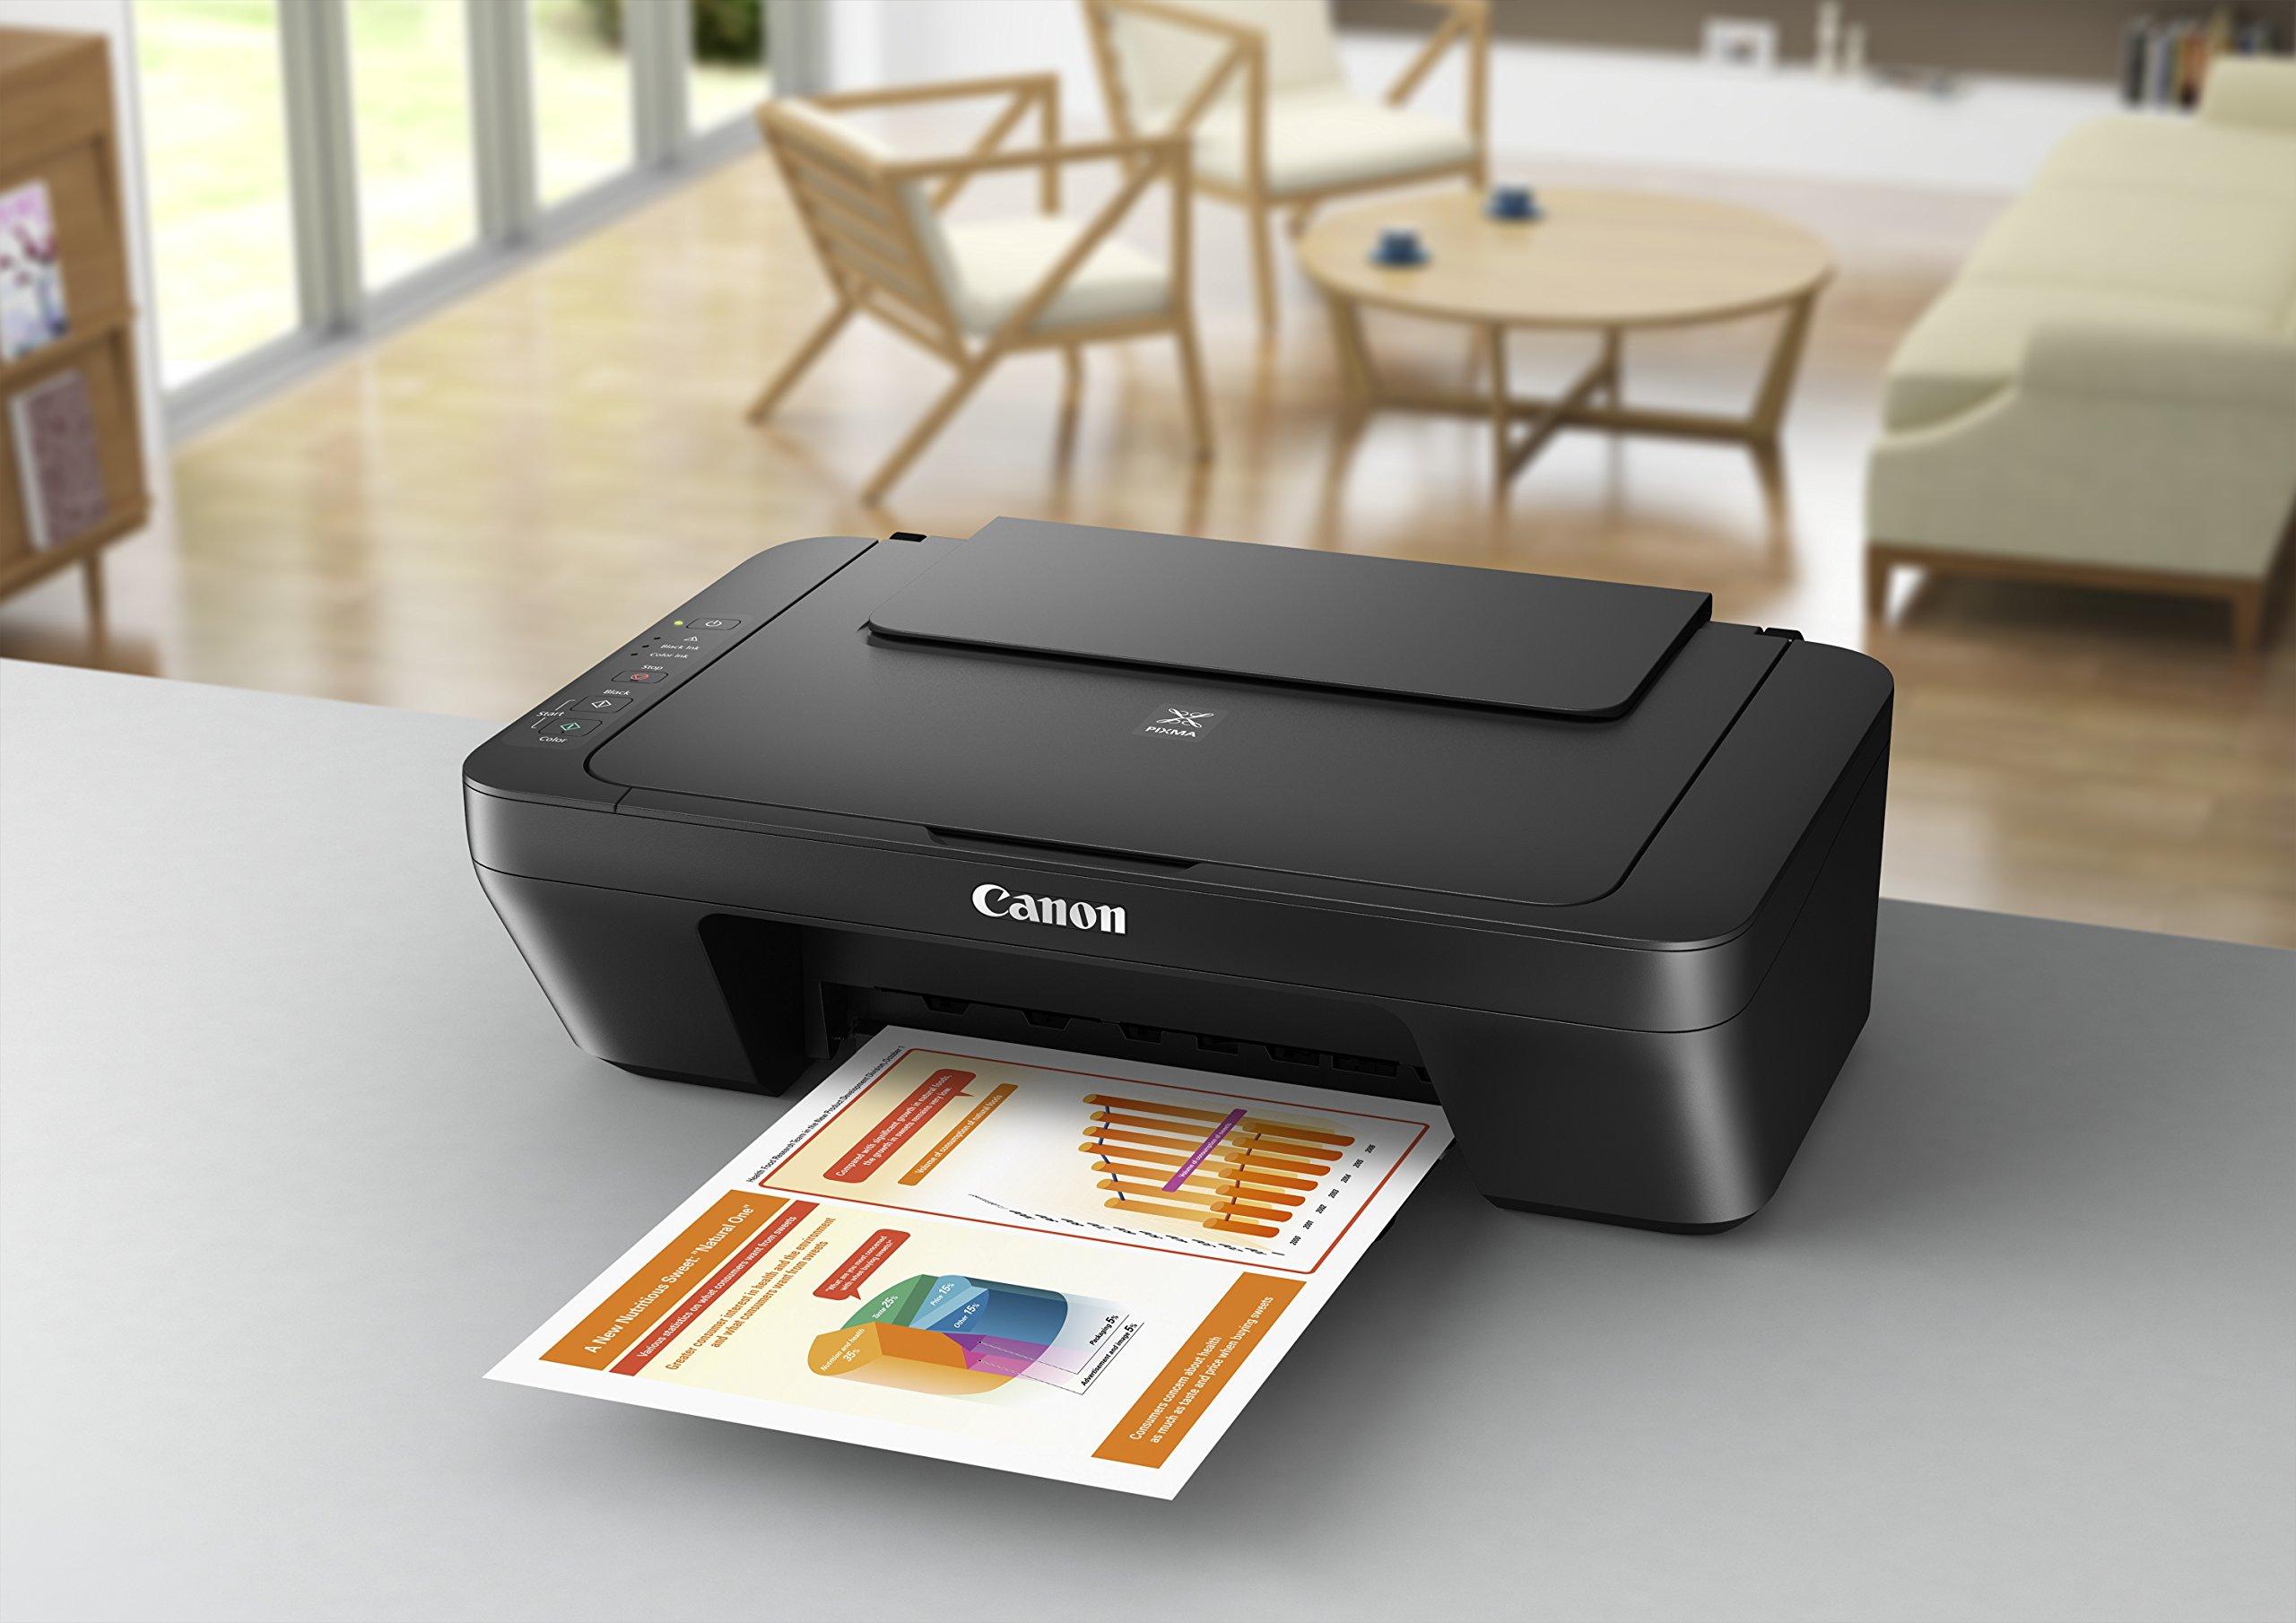 Canon PIXMA MG2555S Inyecci/ón de Tinta 4800 x 600 dpi A4 Impresora multifunci/ón Inyecci/ón de Tinta, Impresi/ón a Color, 4800 x 600 dpi, Copia a Color, A4, Negro